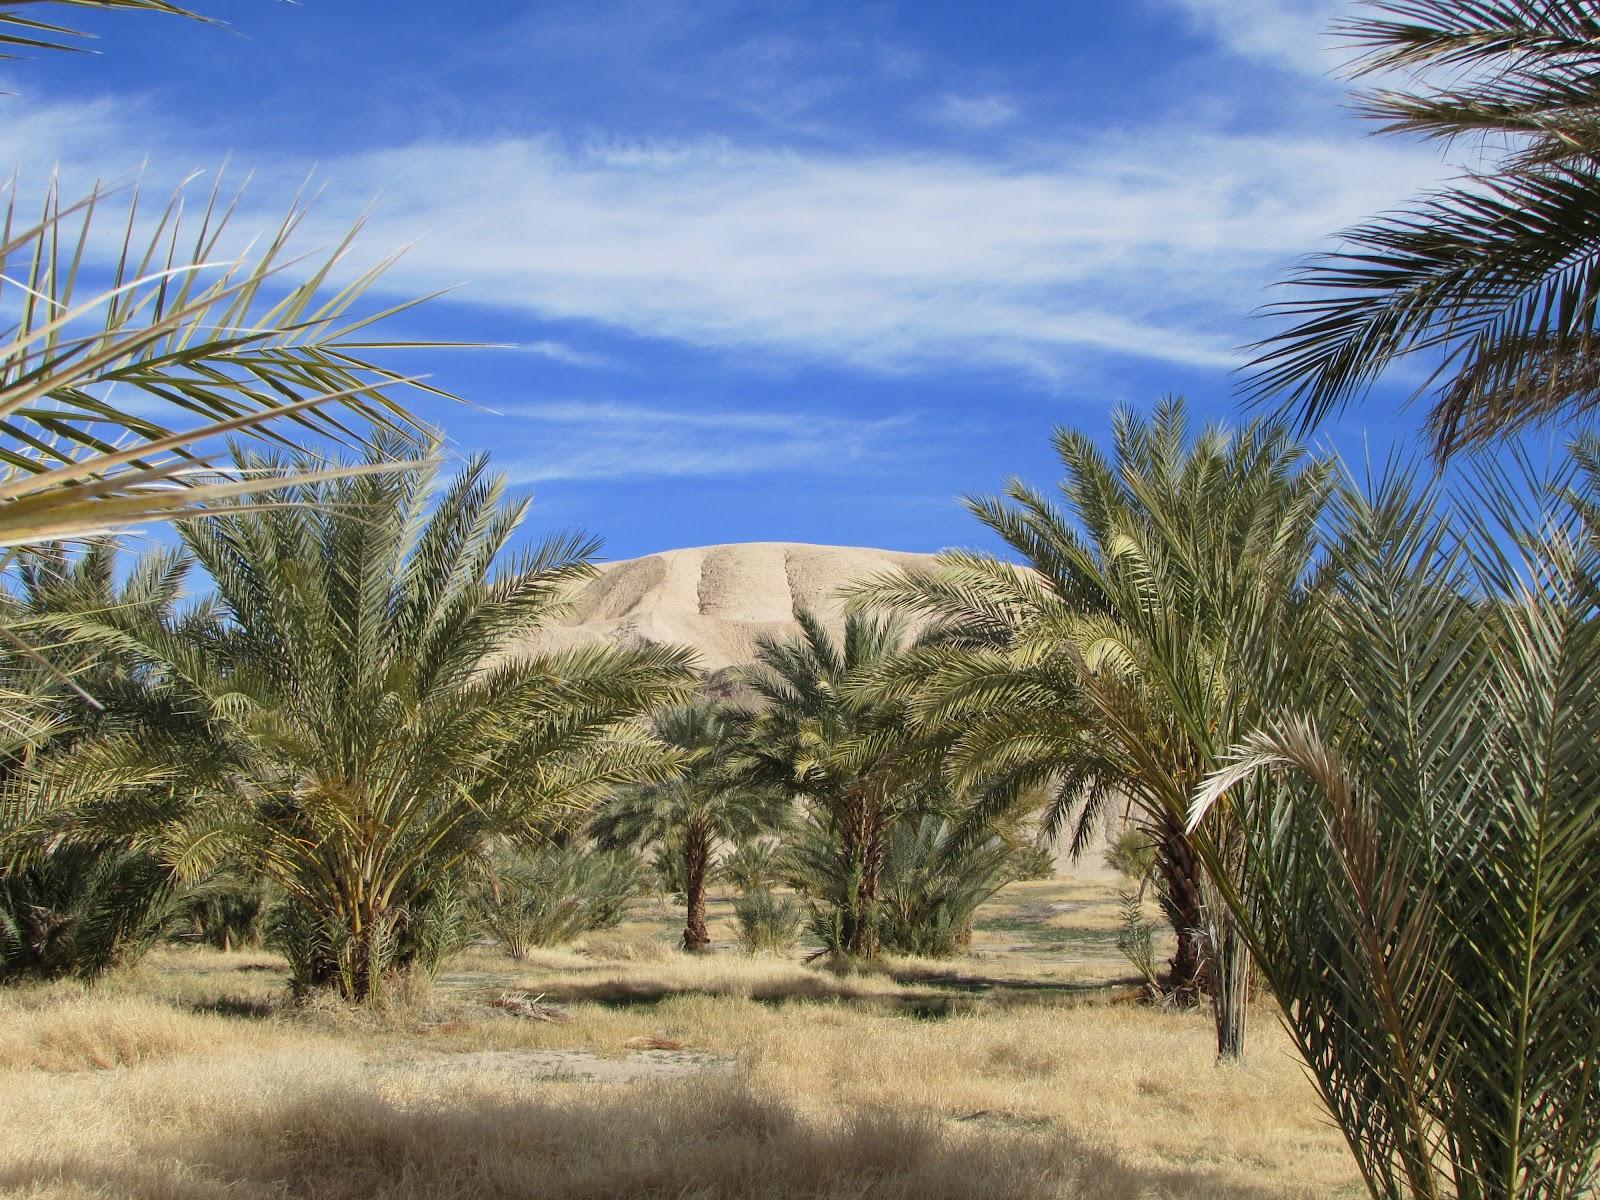 paseando por las palmeras de datiles china ranch